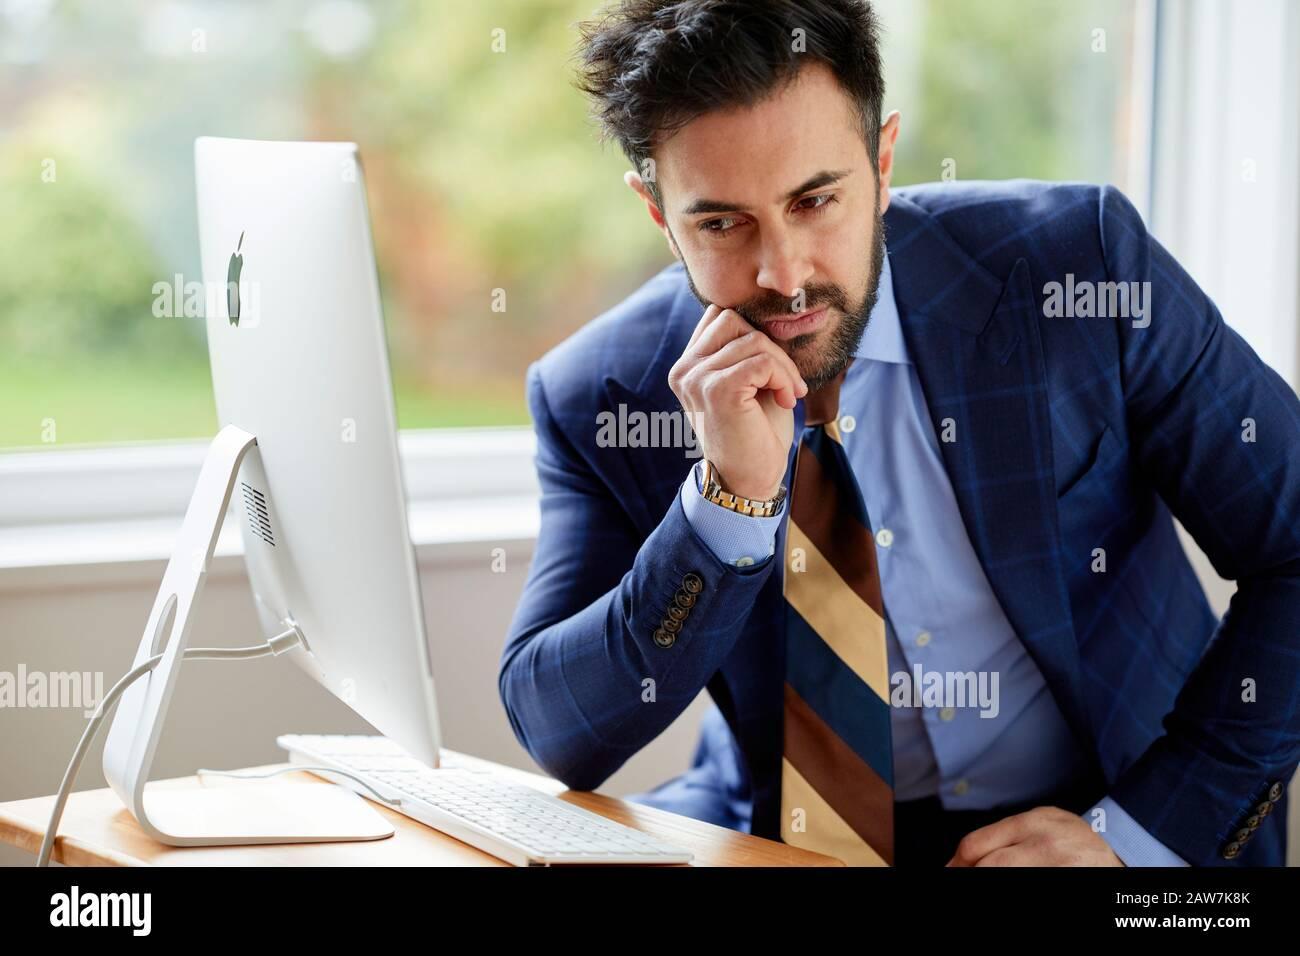 Mann saß nachdenklich am Computer Stockfoto